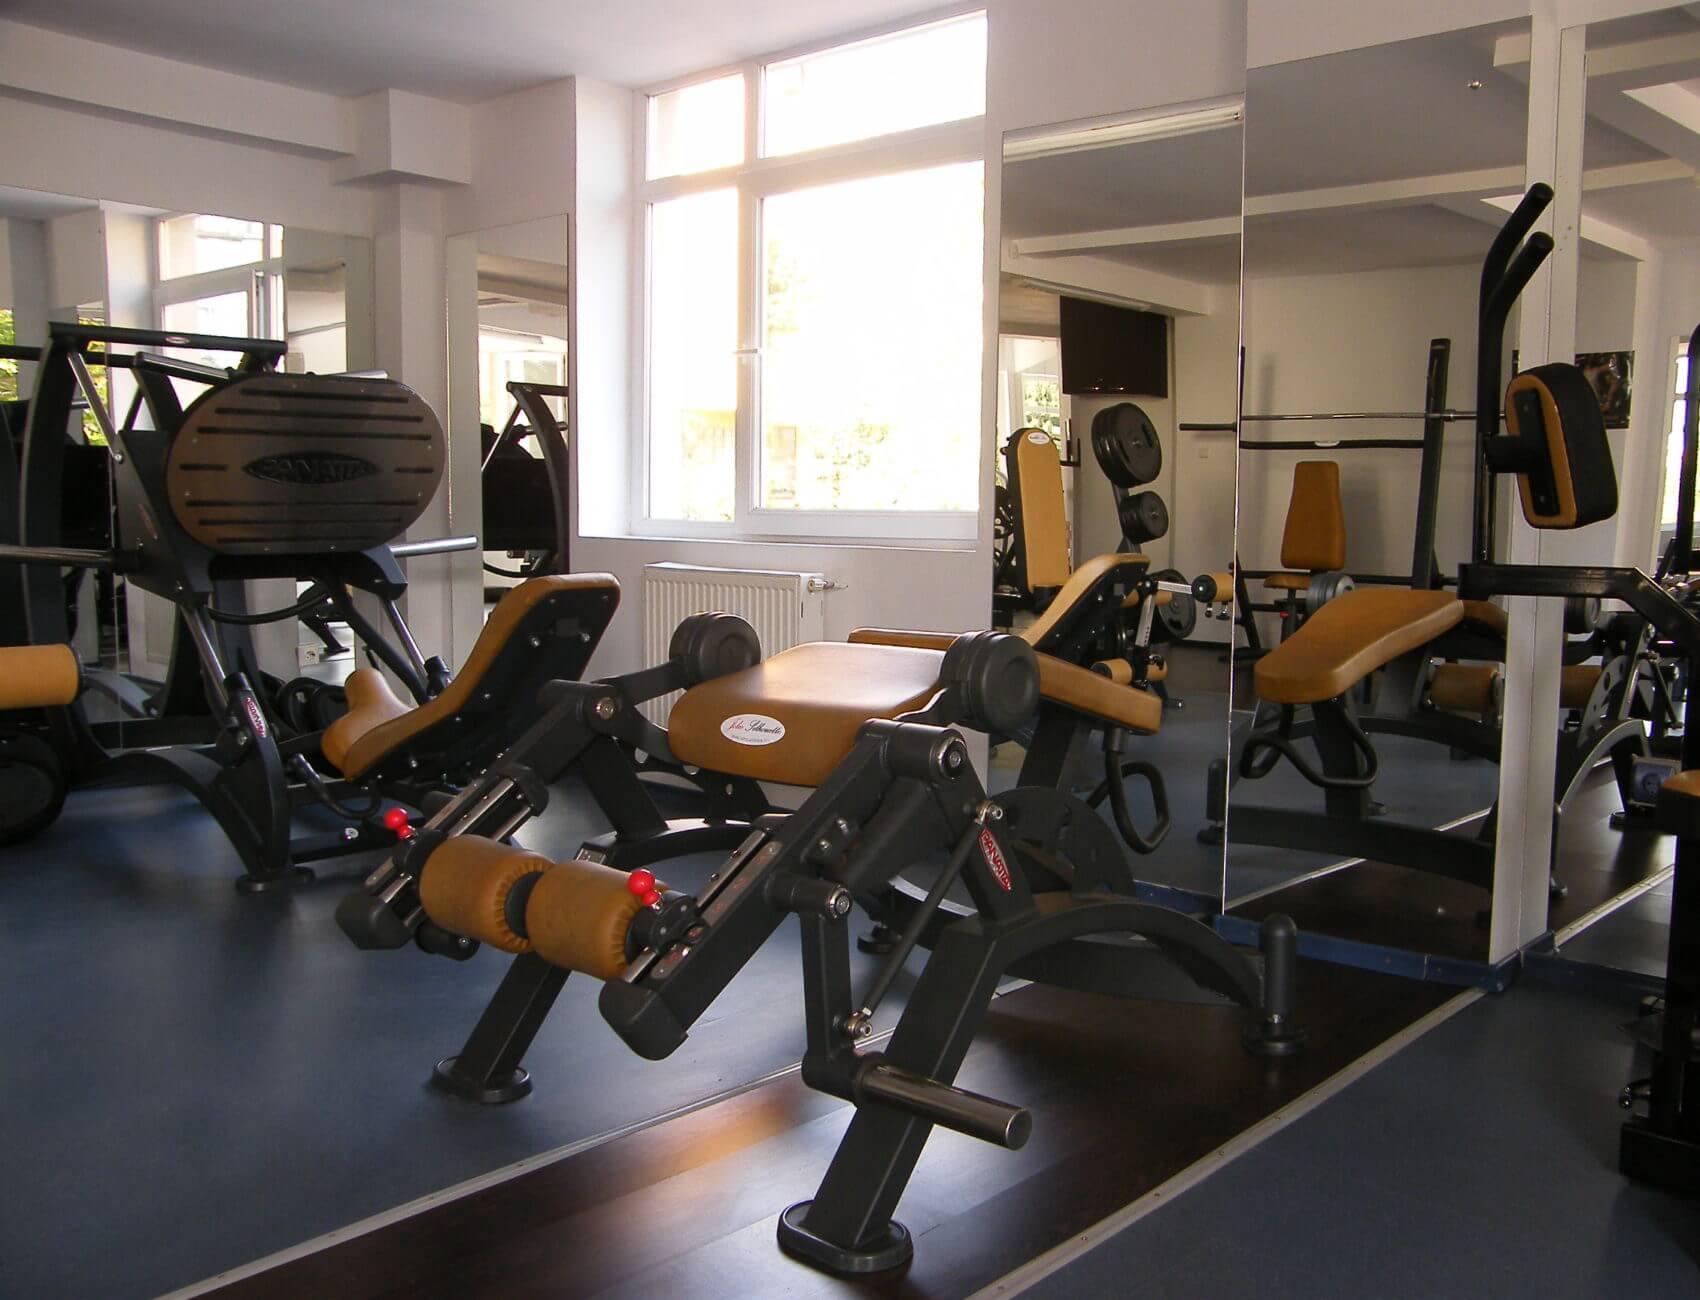 Galerie echipamente fitness 2009 - 5